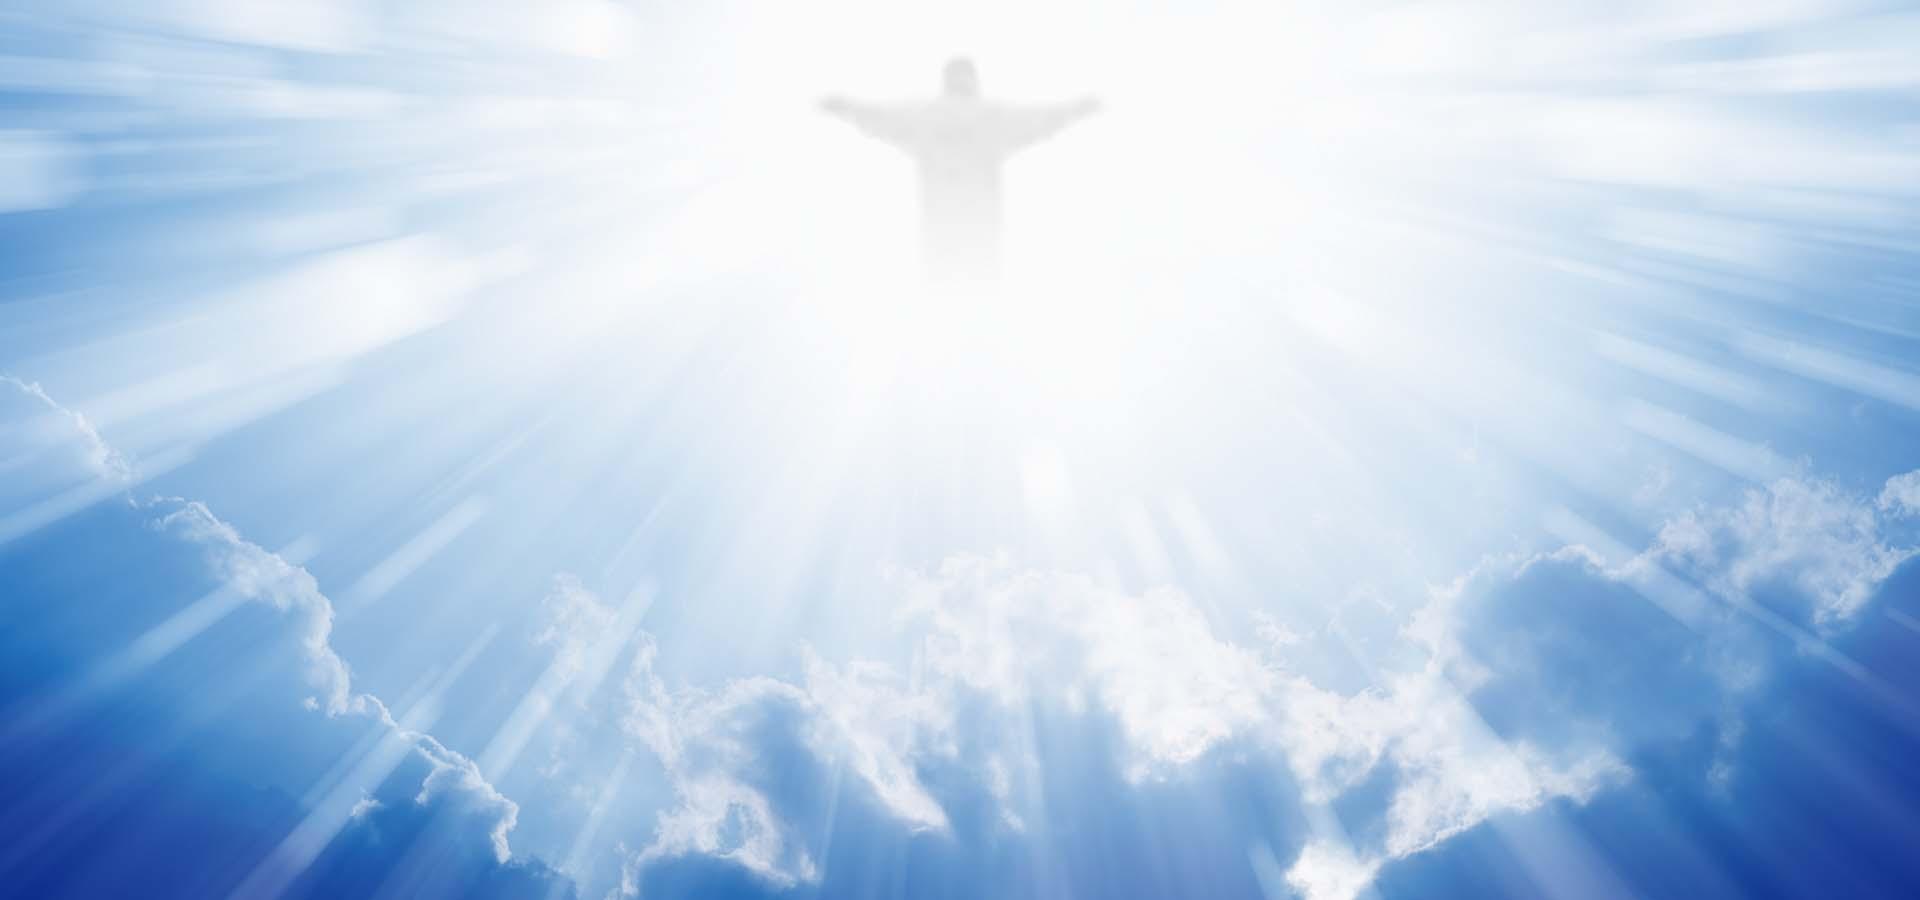 Διαλογισμός στην Πανσέληνο των Διδύμων – Η Εορτή του Χριστού και της Ανθρωπότητας – Παγκόσμια Ημέρα Επίκλησης